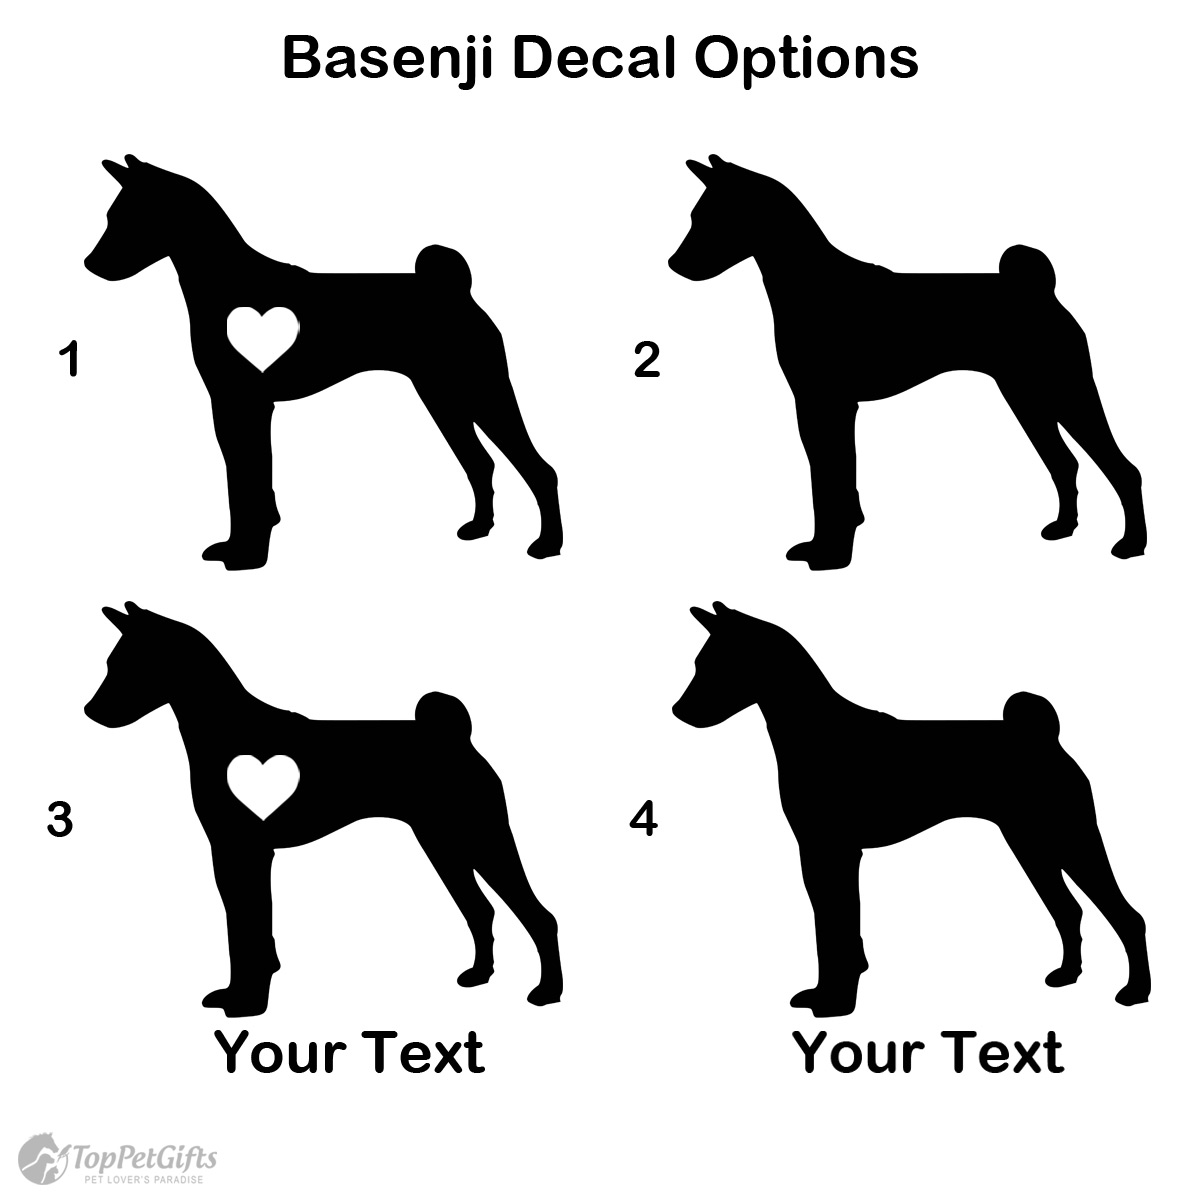 Personalized Basenji Decal